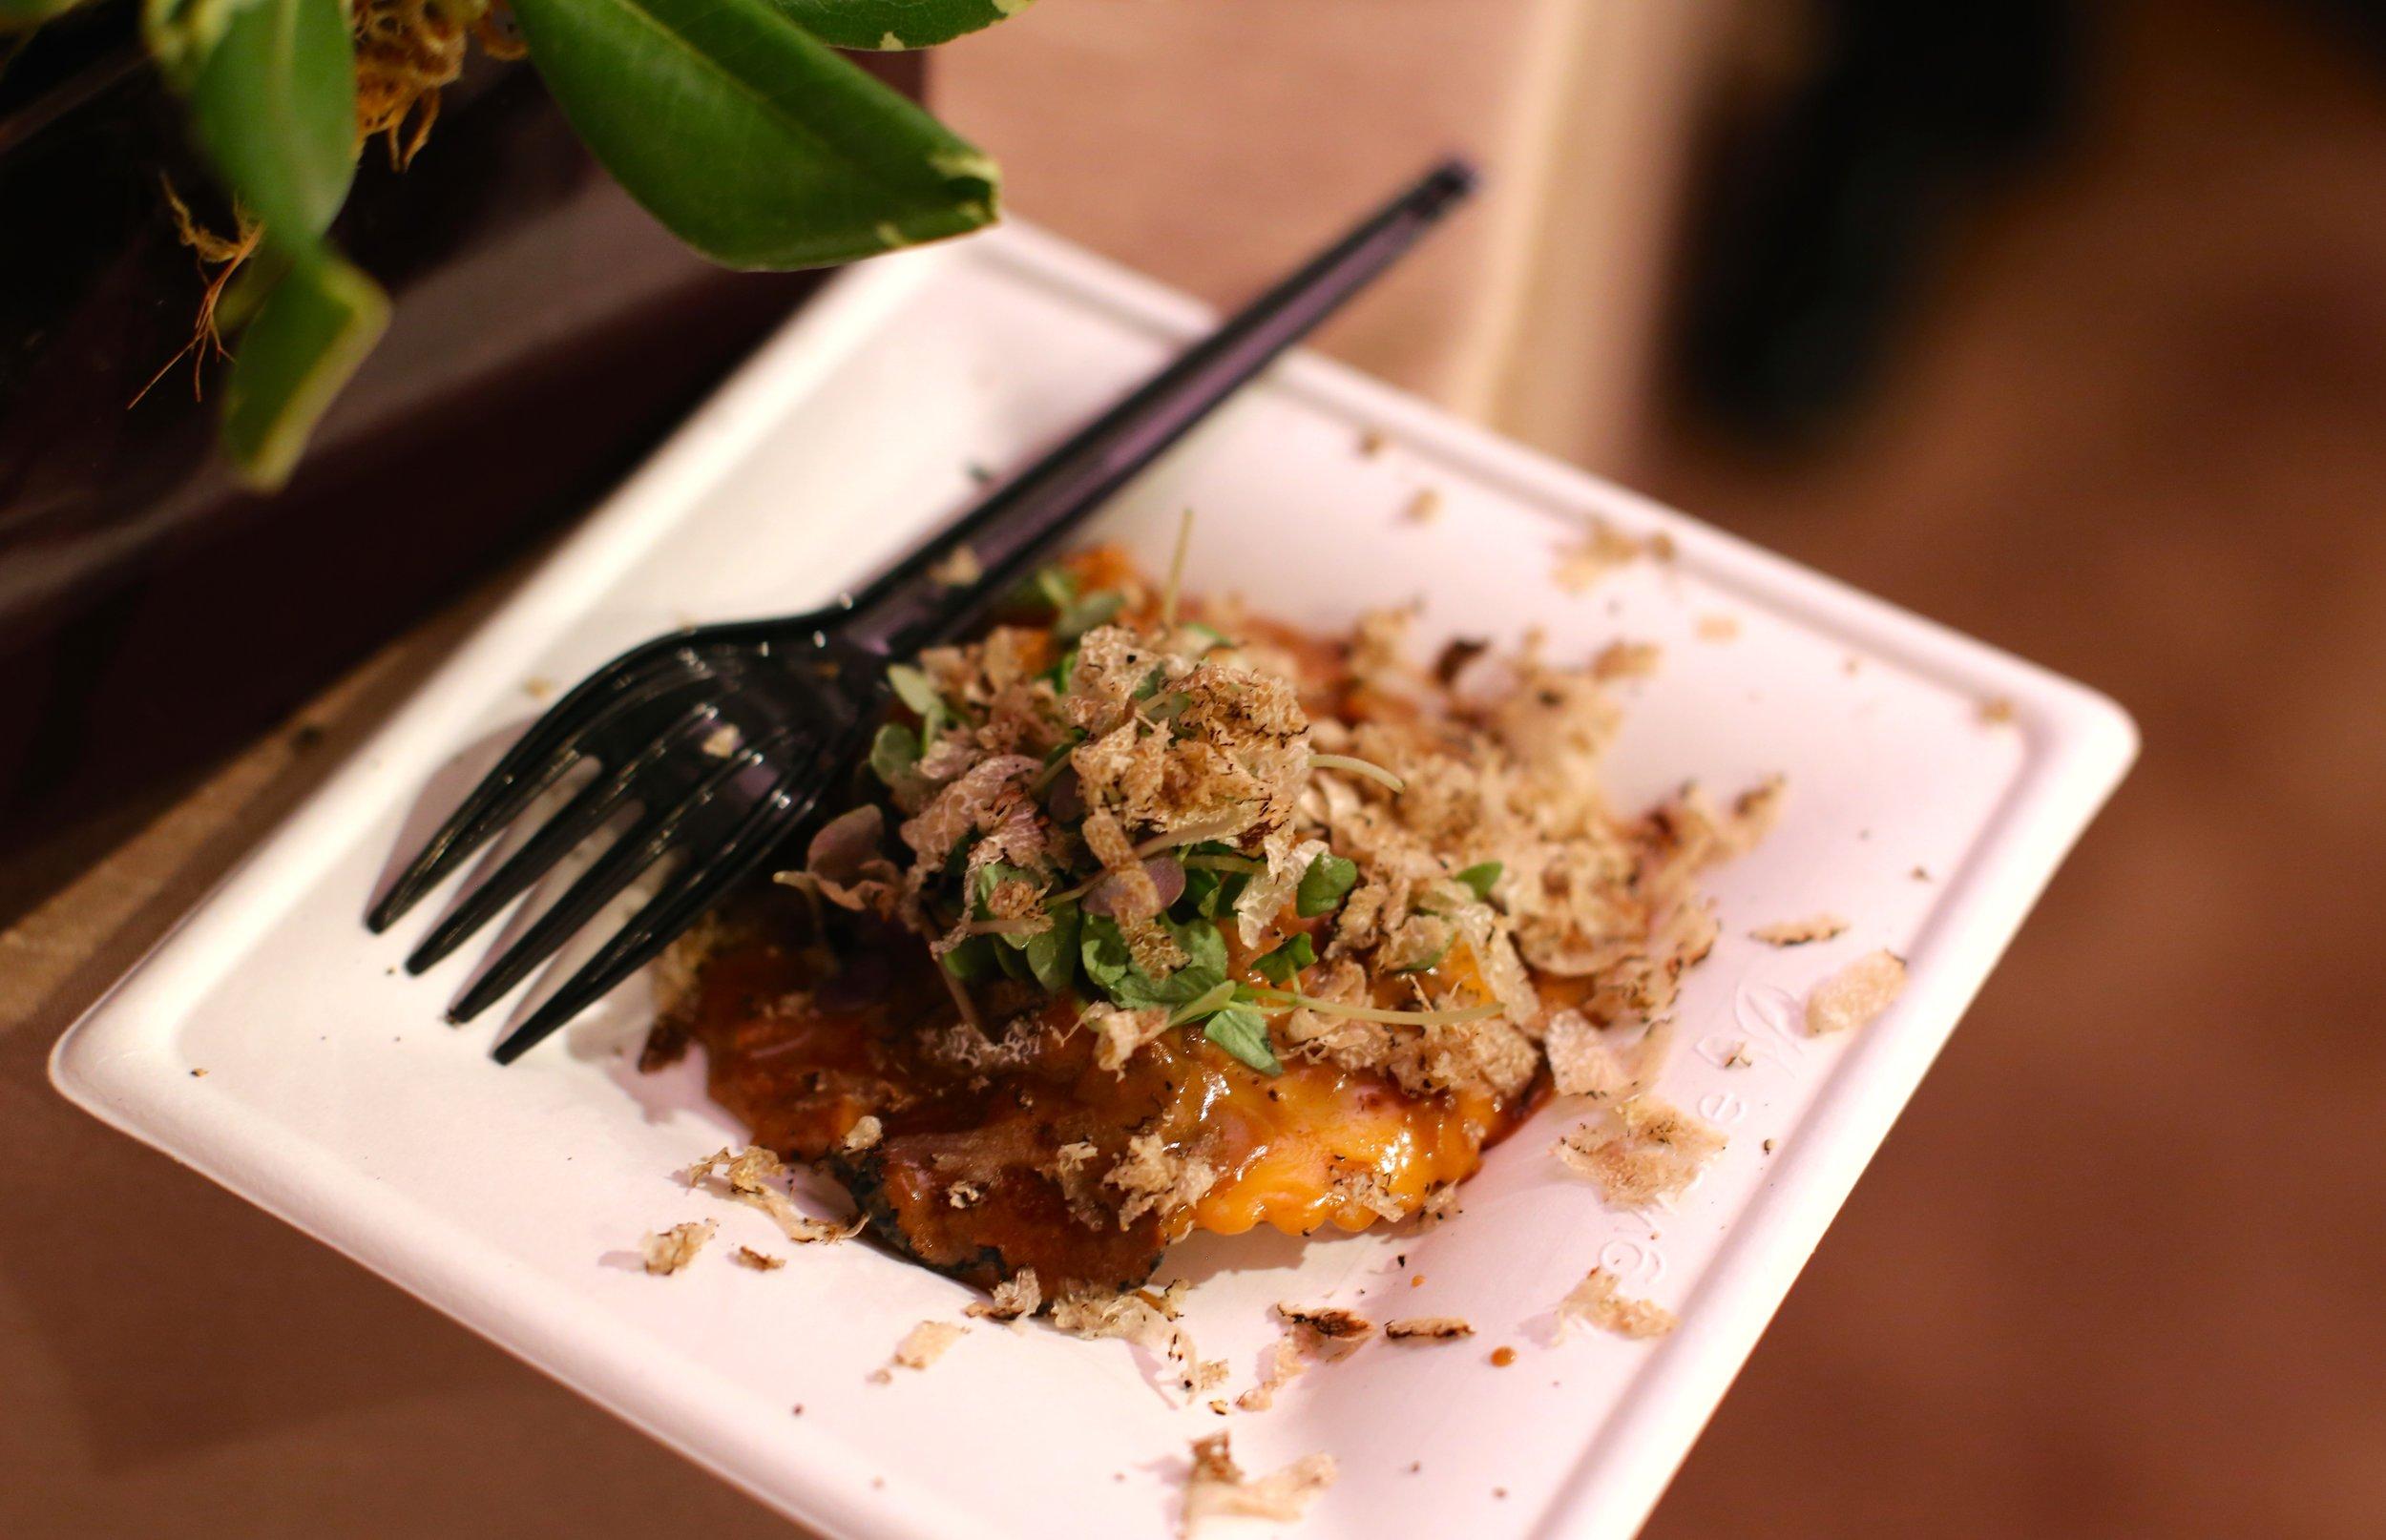 Portobello mushroom & truffle ravioli by Chef Mark Mollica. La Vecchia. Santa Monica.